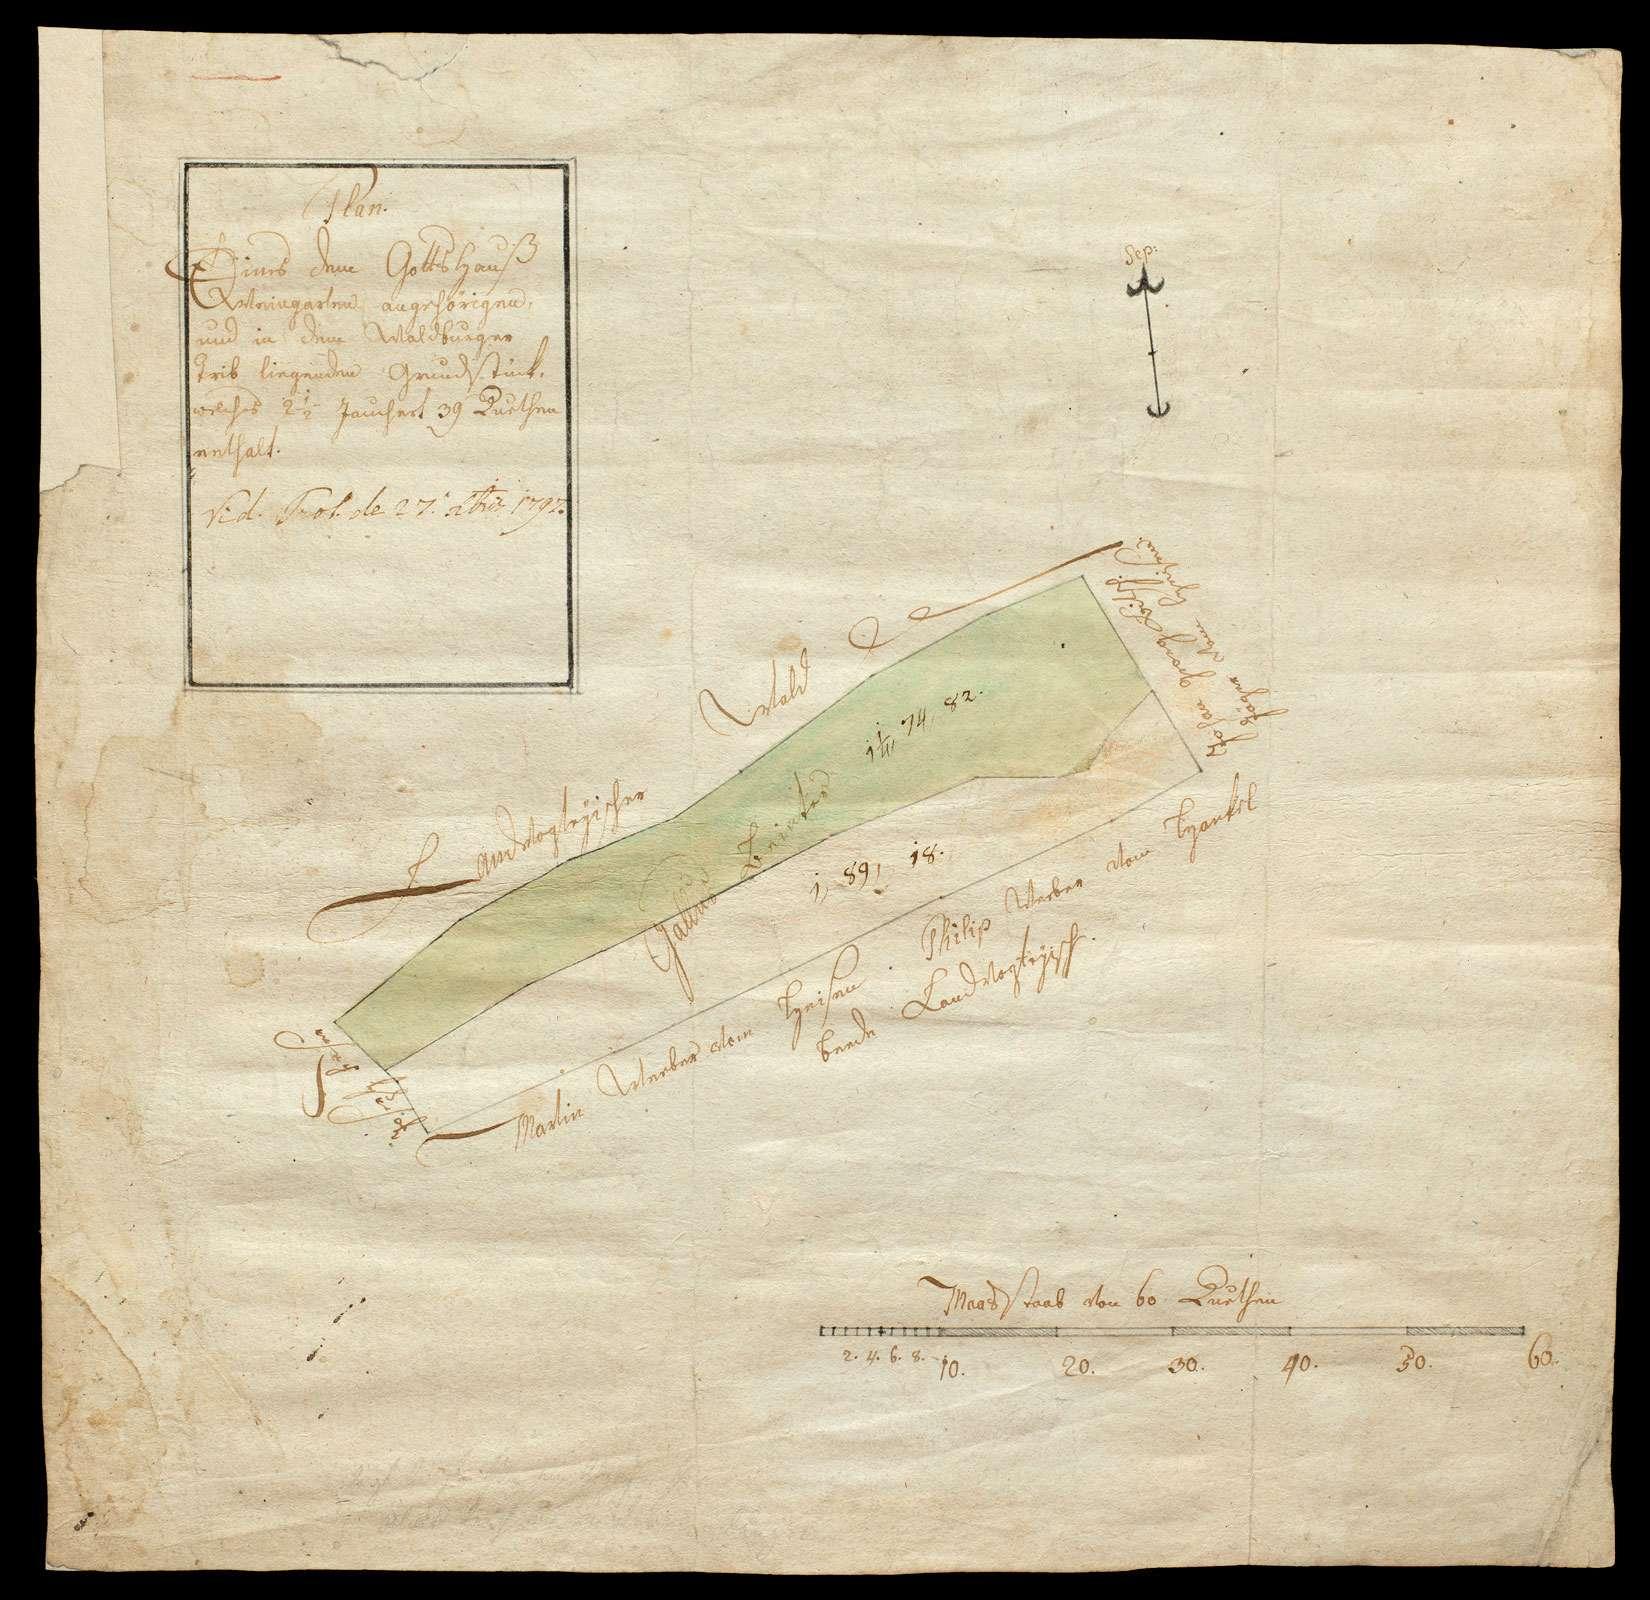 """""""Waldfelder [Rückseitentitel]"""", """"Plan eines dem Gotteshaus Weingarten angehörigen und in dem Waldburger Trieb liegenden Grundstück, welches 2 1/2 Jauchert 39 Ruten enthält"""", Bild 1"""